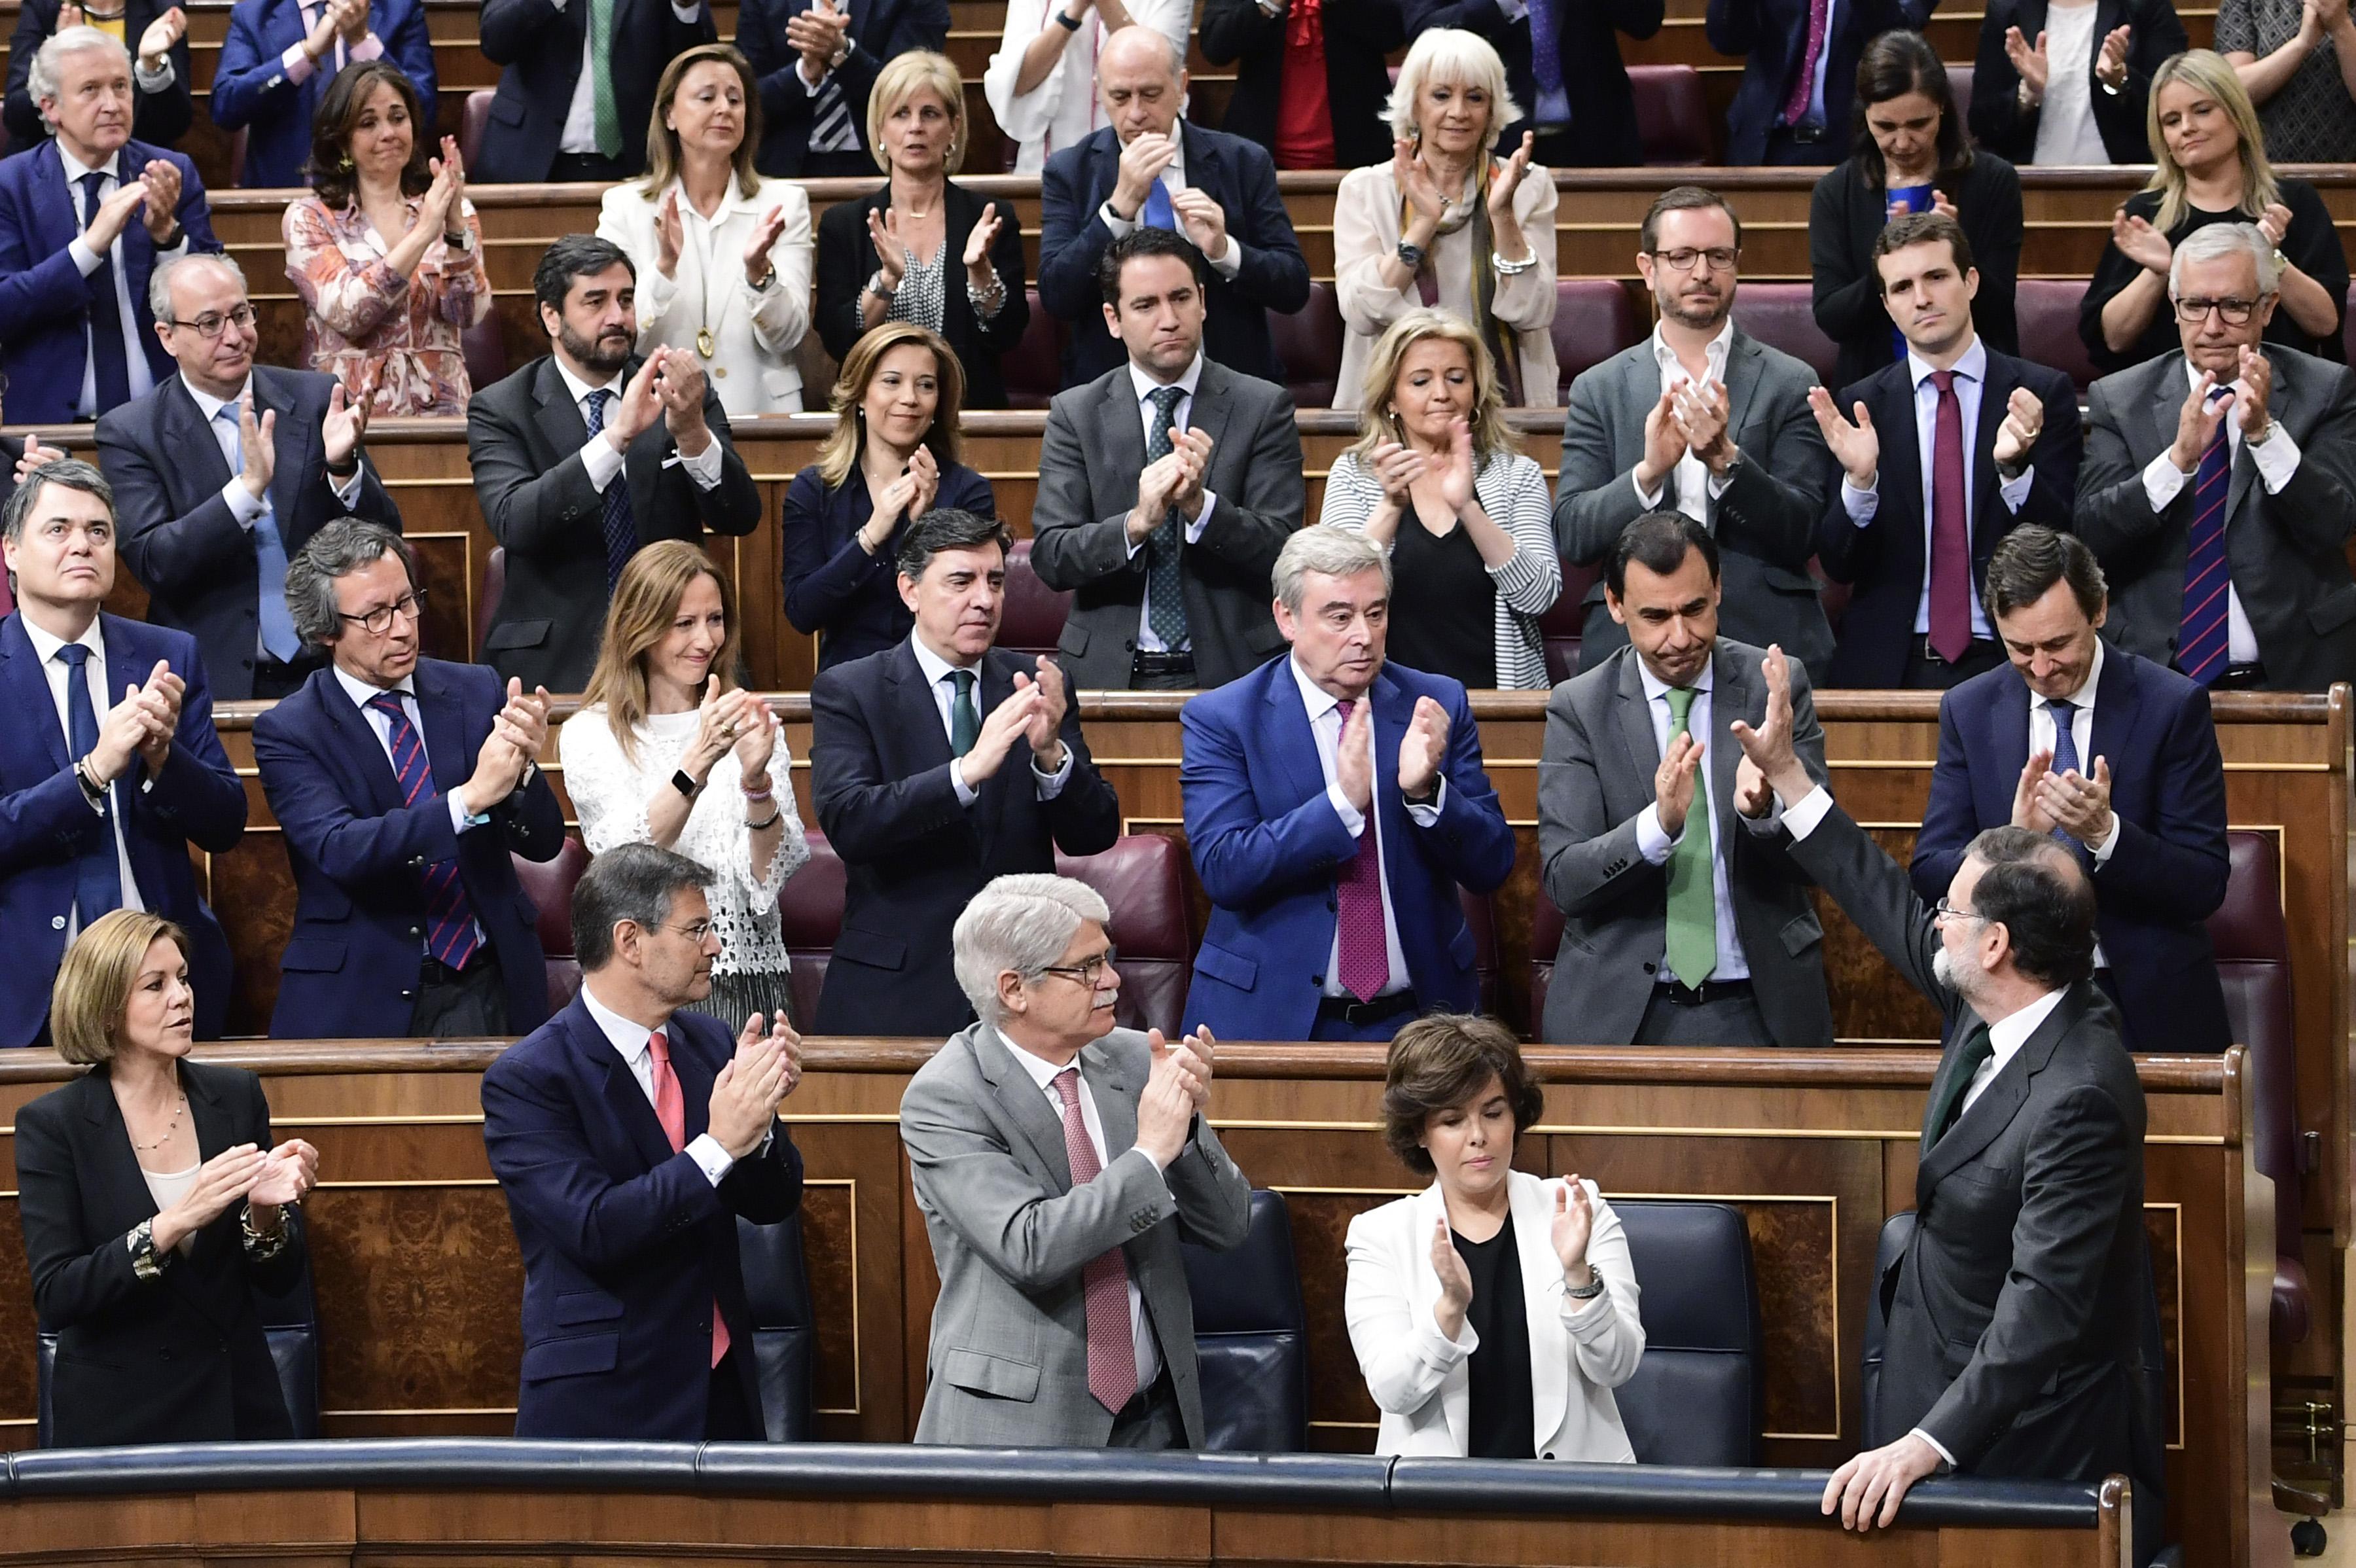 Elismerte bukását Mariano Rajoy